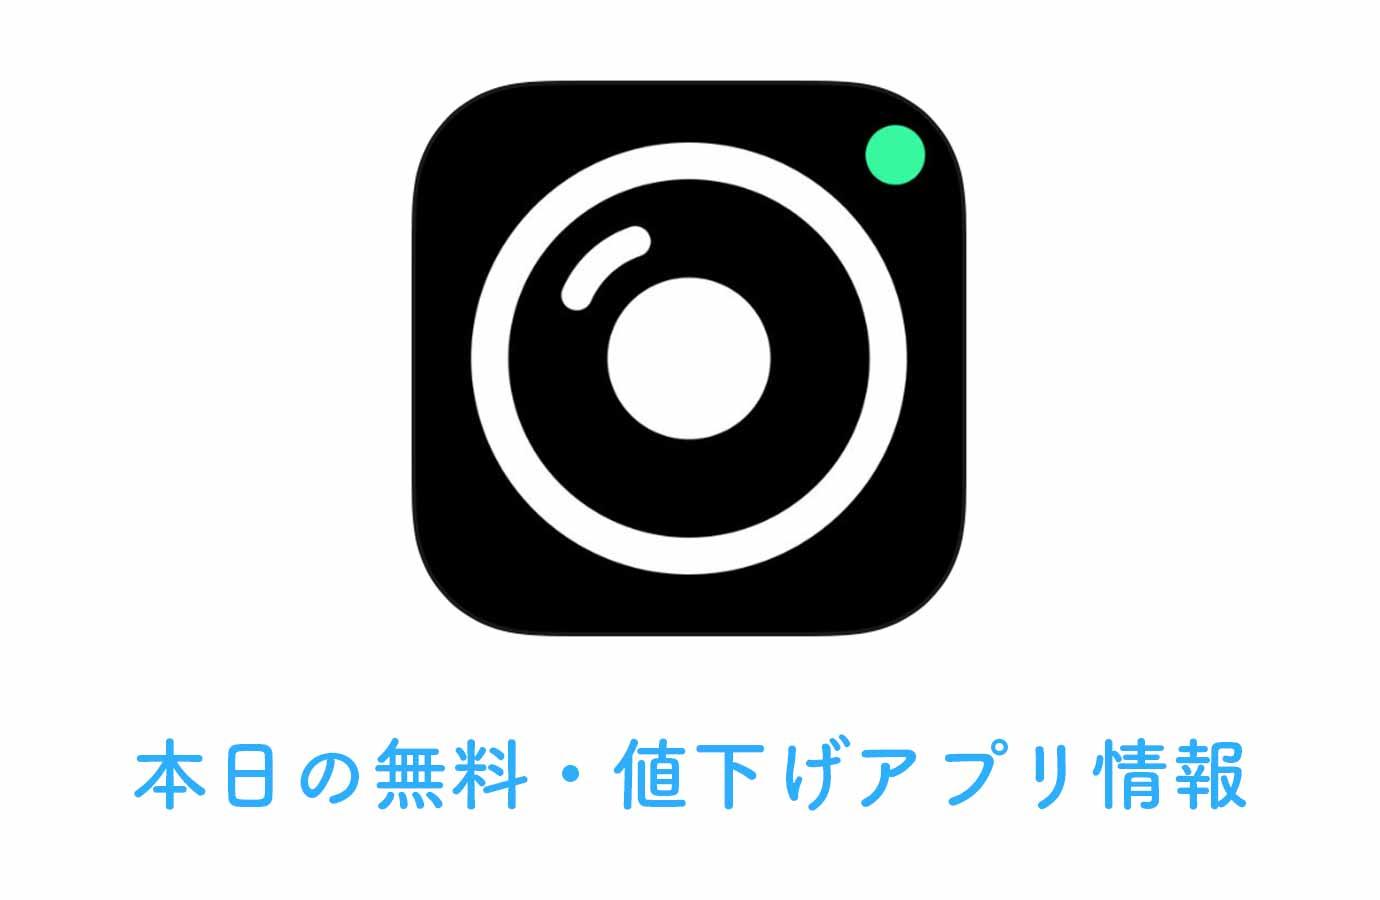 240円→無料、モノクロ写真の撮影に特化したカメラアプリ「BlackCam」など【6/3】本日の無料・値下げアプリ情報